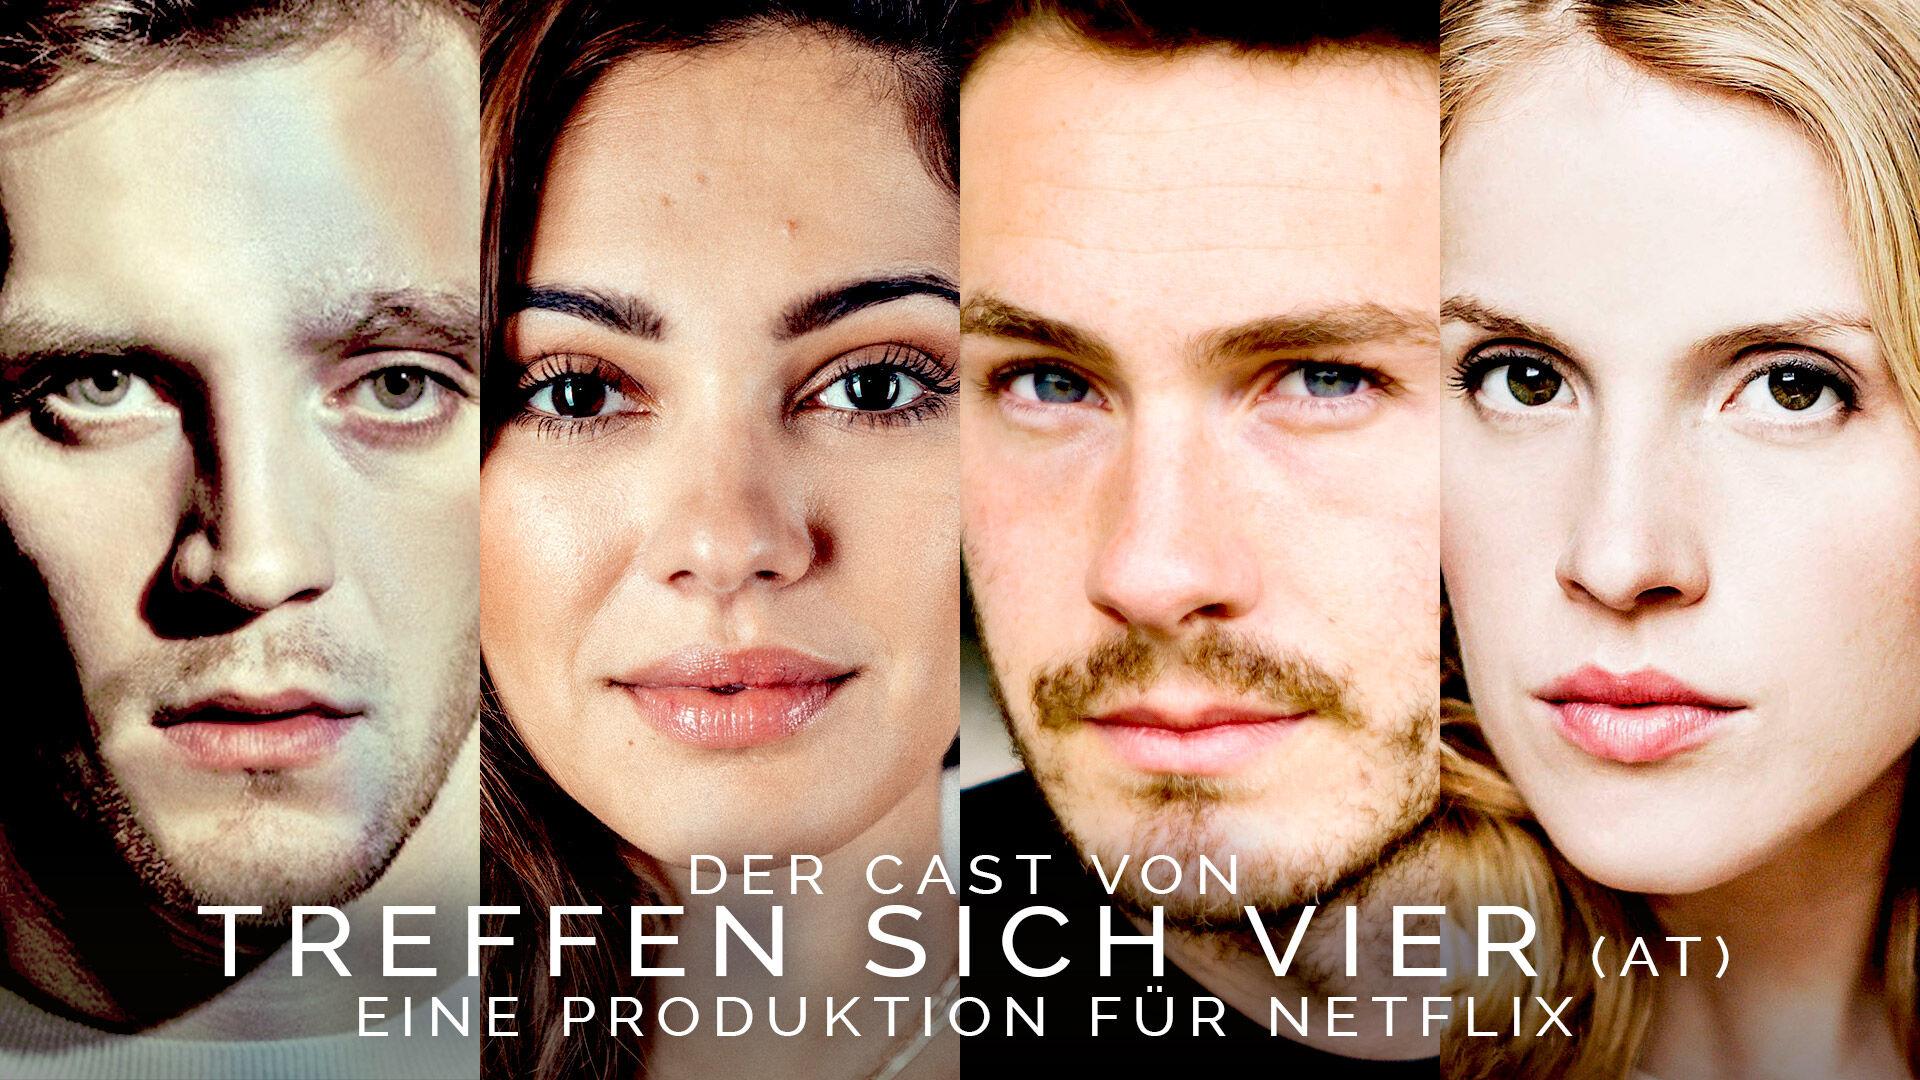 Image for TREFFEN SICH VIER (AT) - bei Netflix voraussichtlich im Herbst 2021